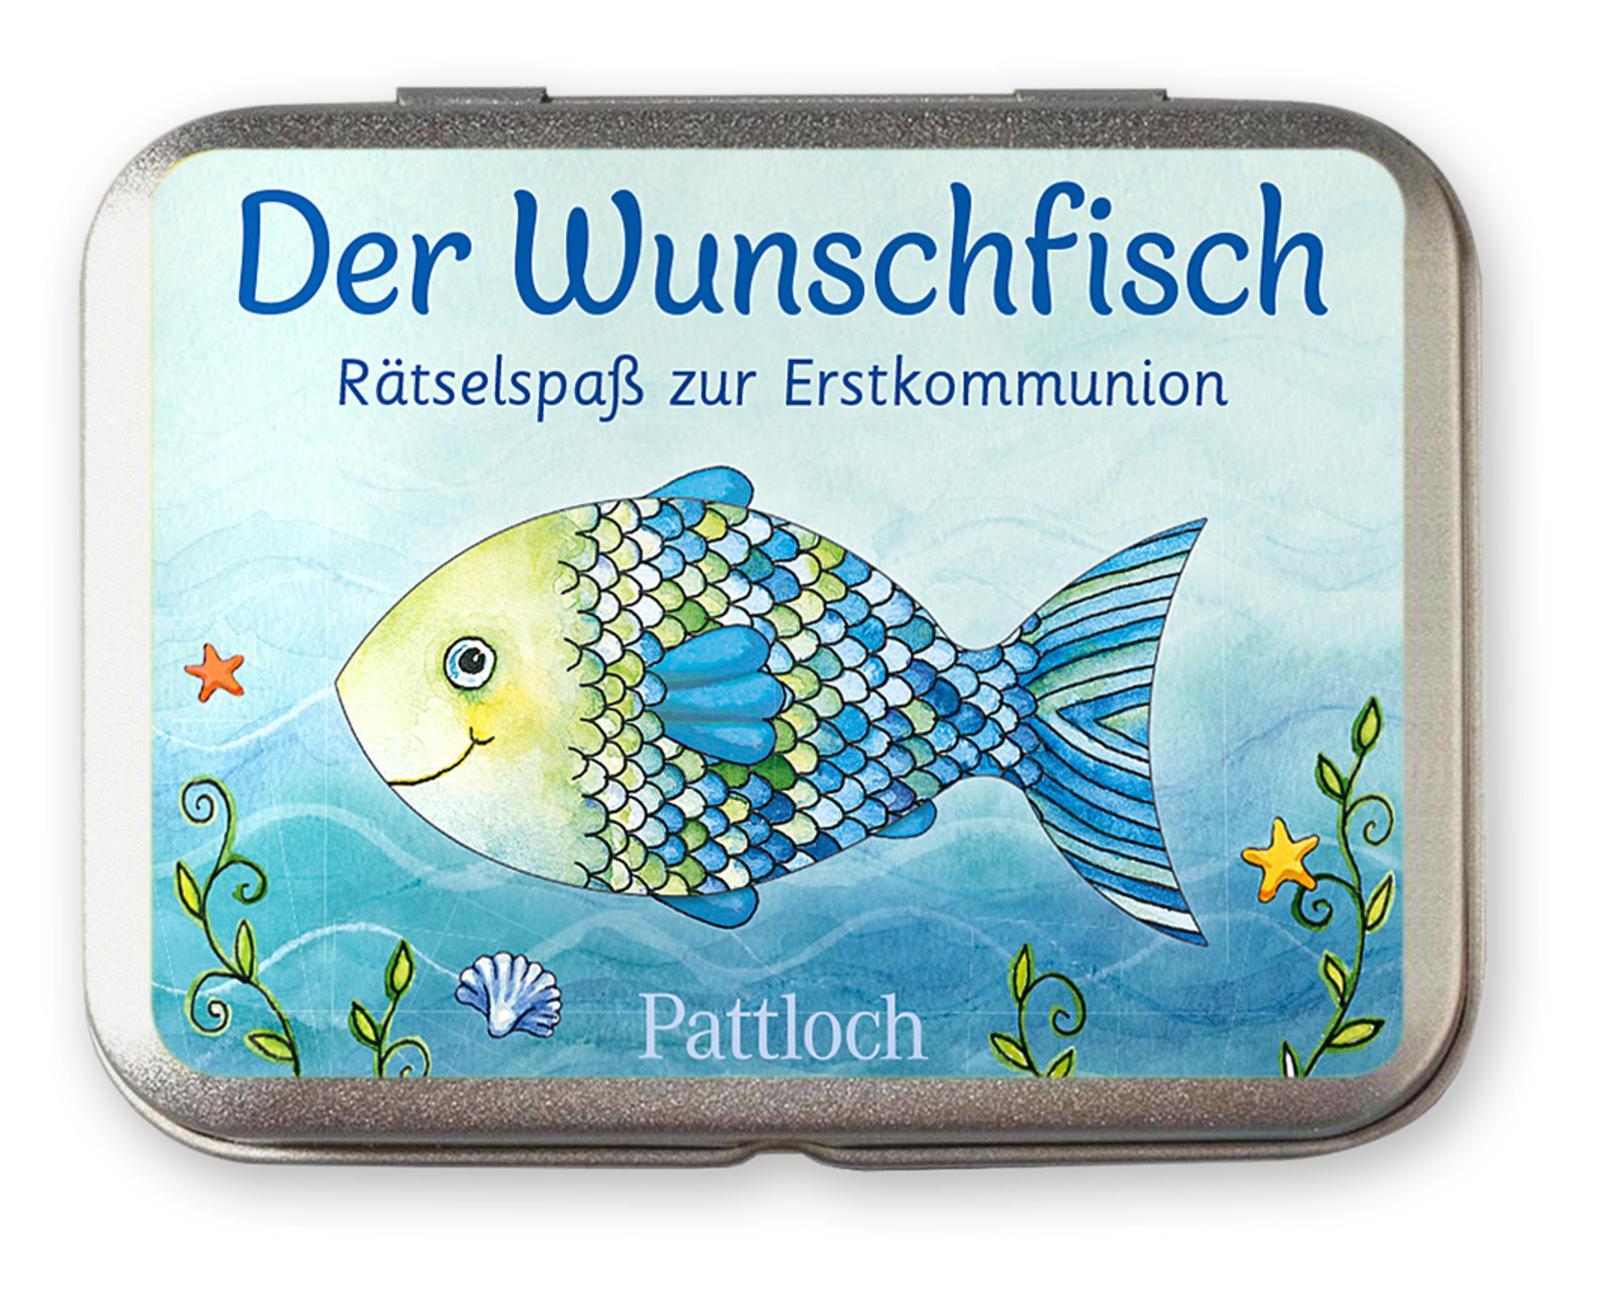 Der Wunschfisch - Rätselspaß zur Erstkommunion Metallbox